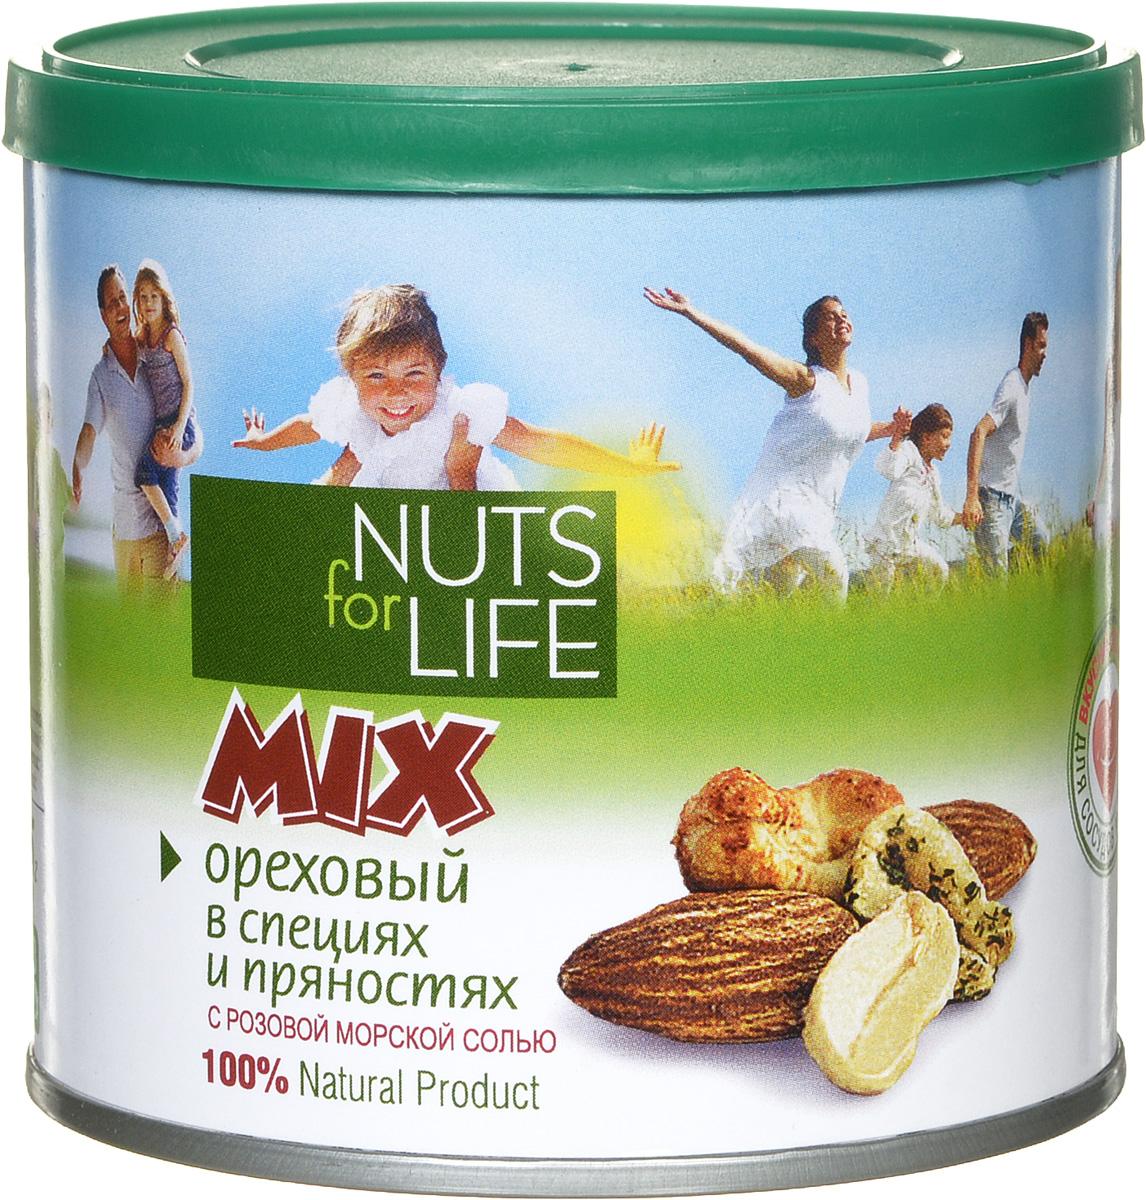 Nuts for Life Микс ореховый в специях и пряностях, 115 г спрей концентрированный ореховый микс 50мл